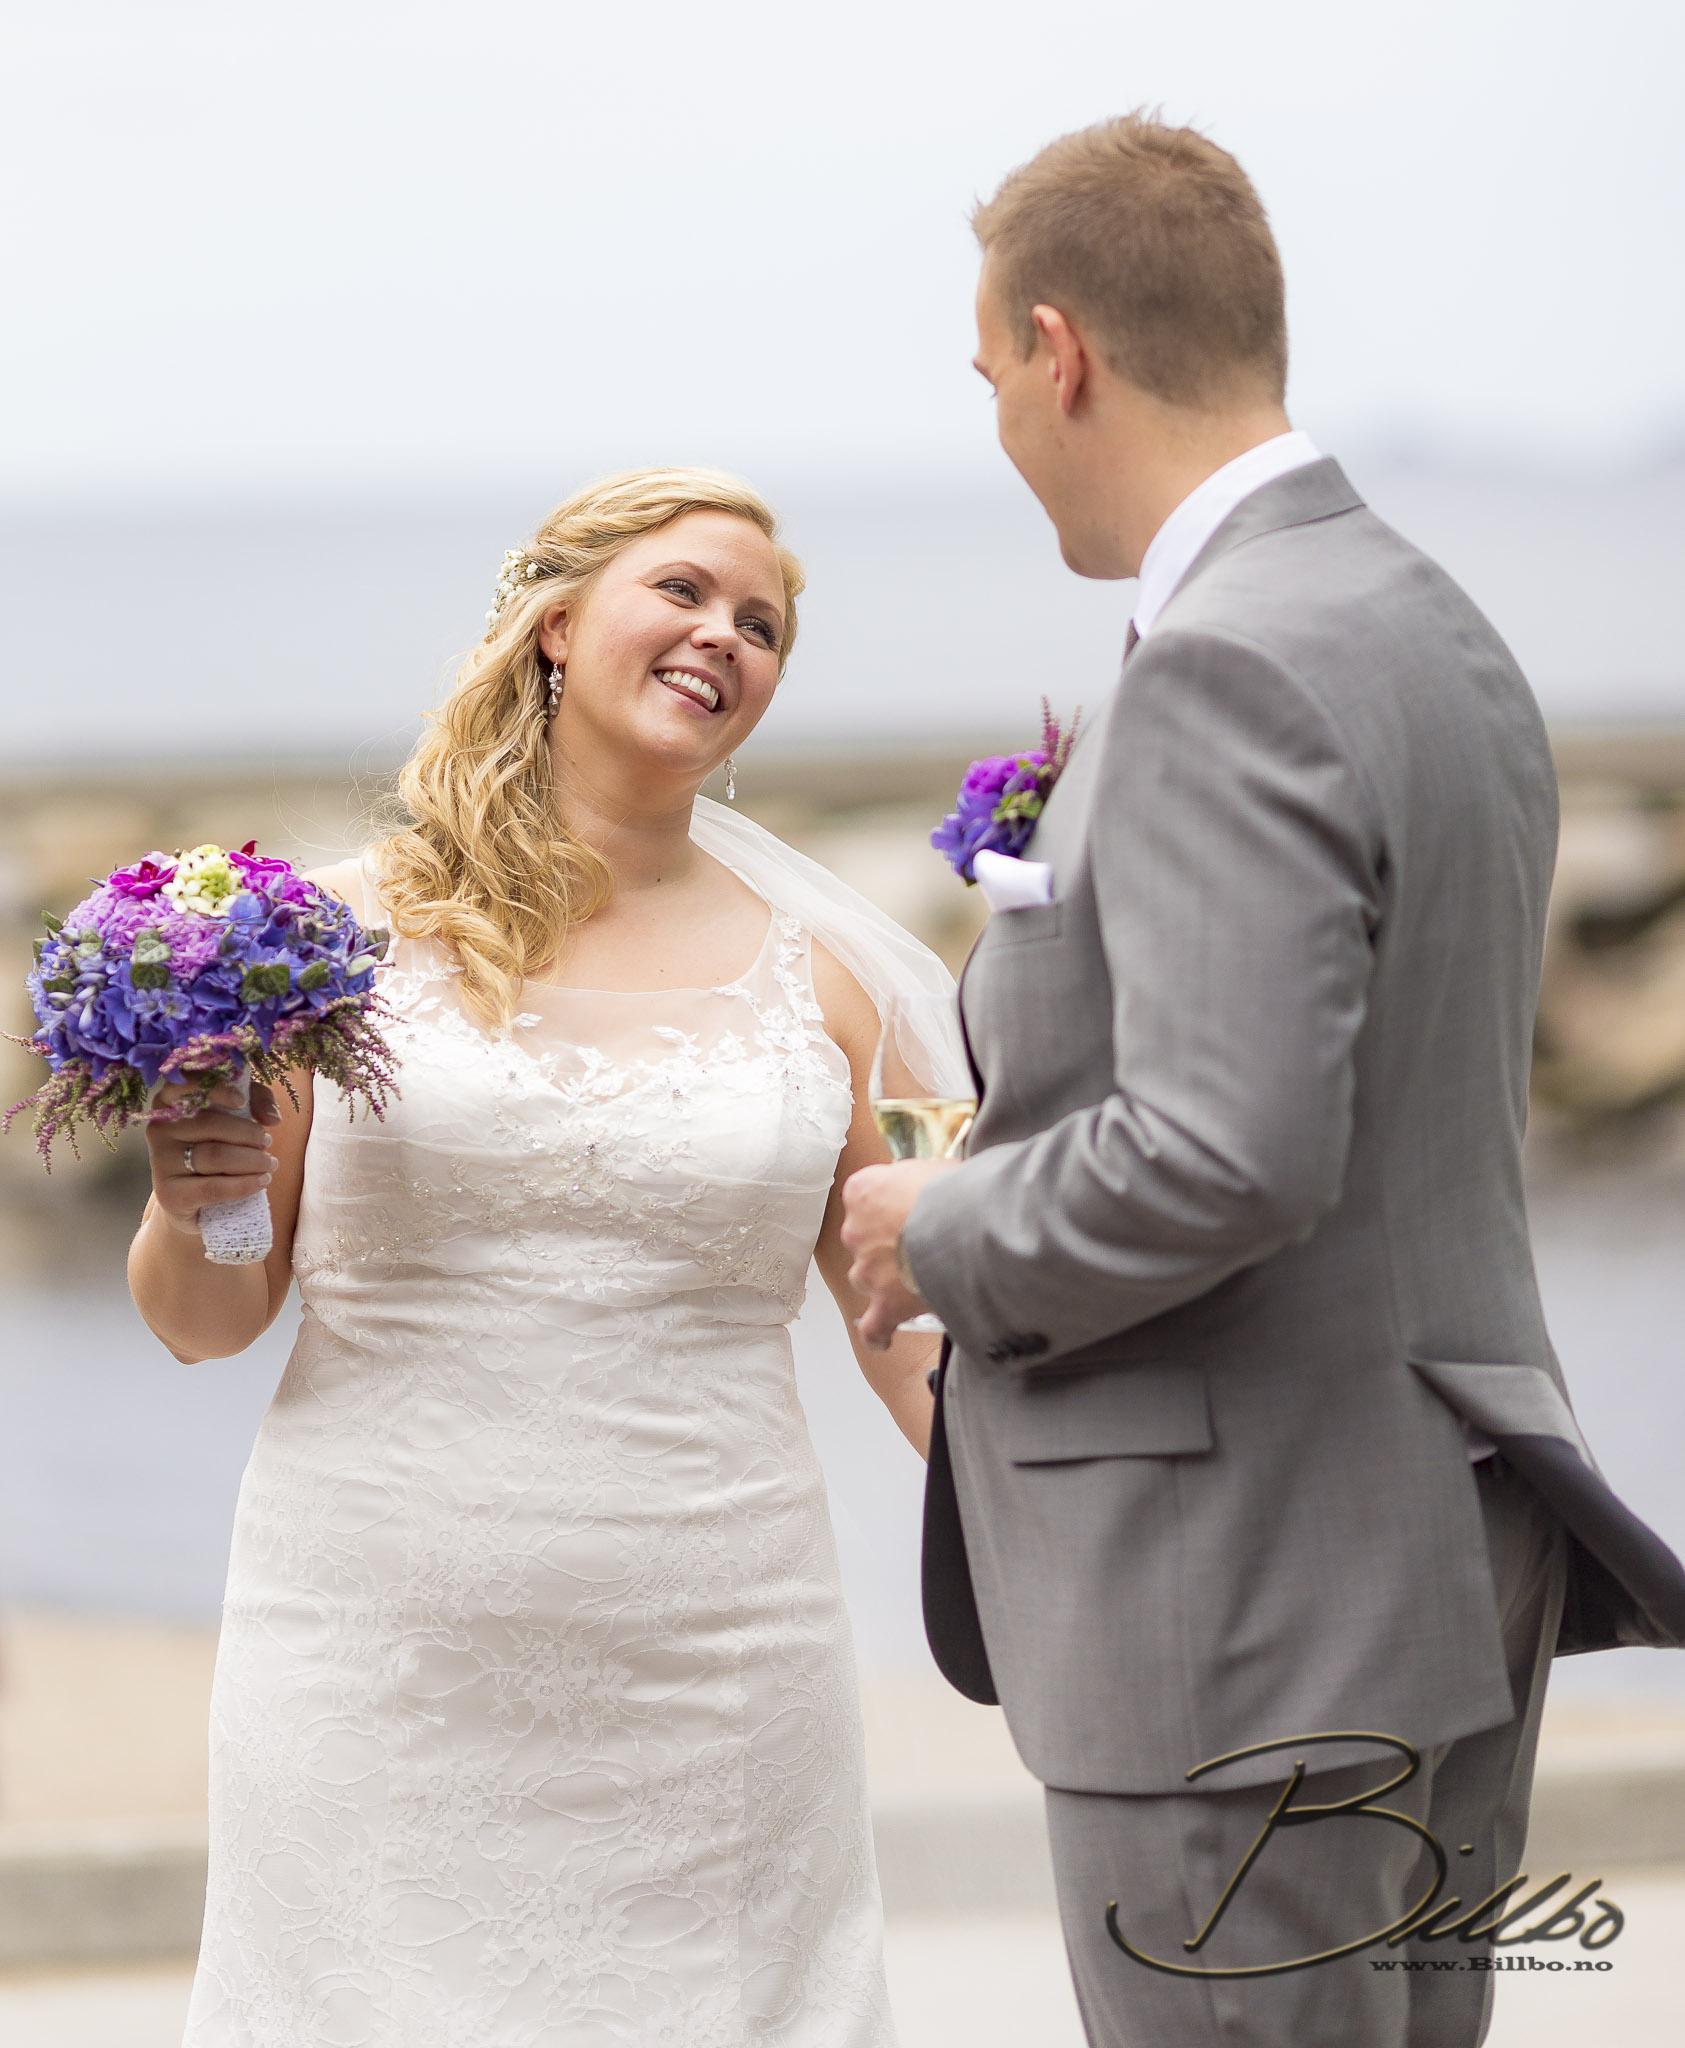 Bryllup Magnus og Linn-24